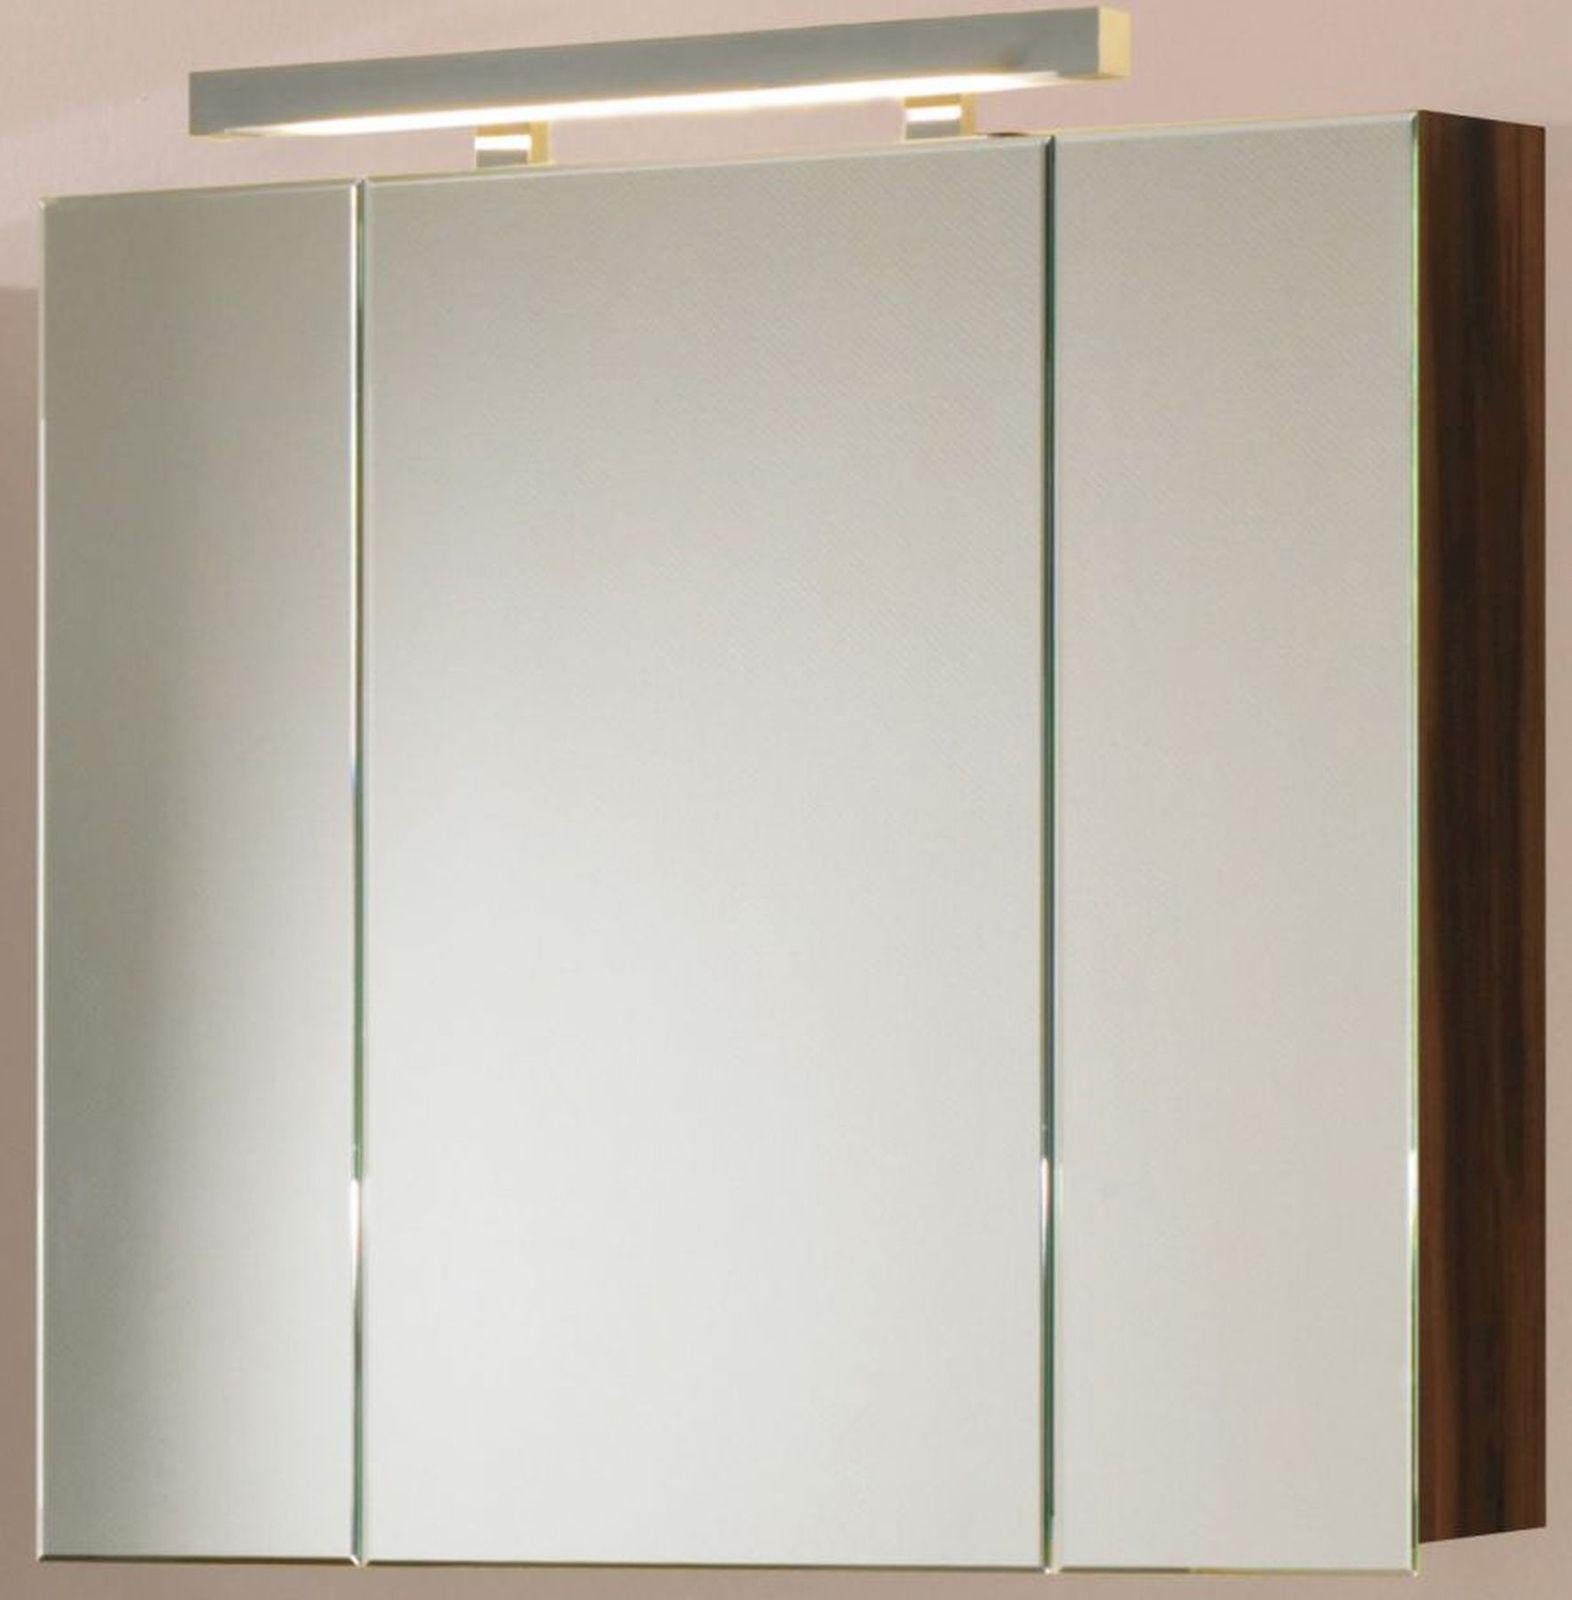 led-bad-spiegelschrank-lavie-80-cm-steckdose-ip21-schalter-1-x-10-watt--sps-80 Erstaunlich Spiegelschrank Mit Licht Und Steckdose Dekorationen